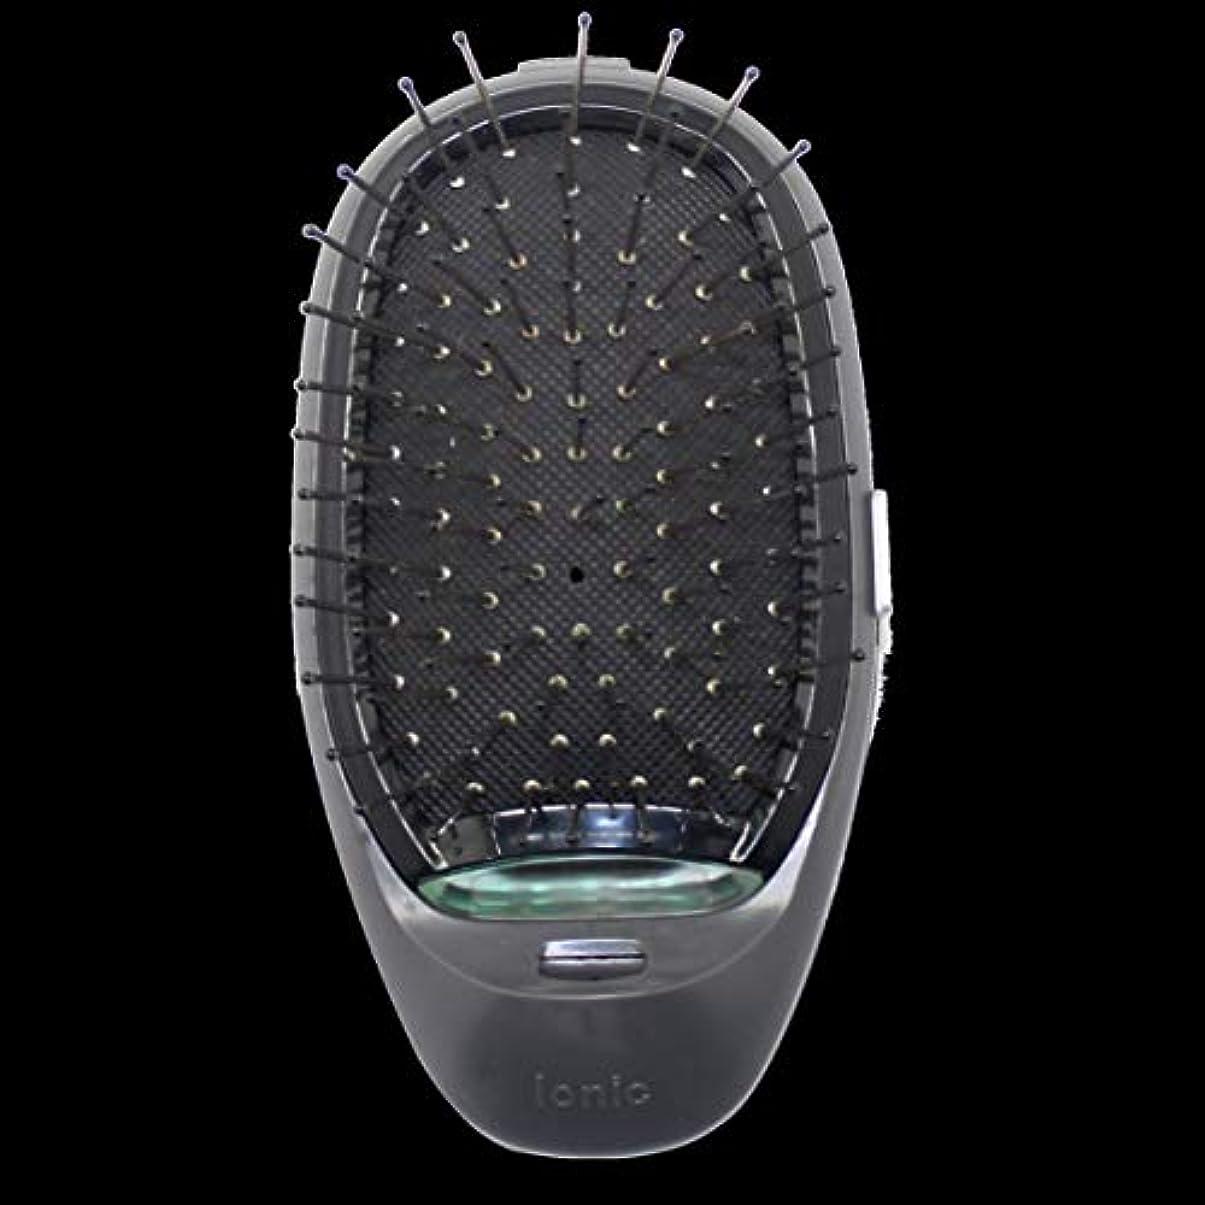 スクレーパー第二にソーダ水電動マッサージヘアブラシミニマイナスイオンヘアコム3Dインフレータブルコーム帯電防止ガールズヘアブラシ電池式 - ブラック